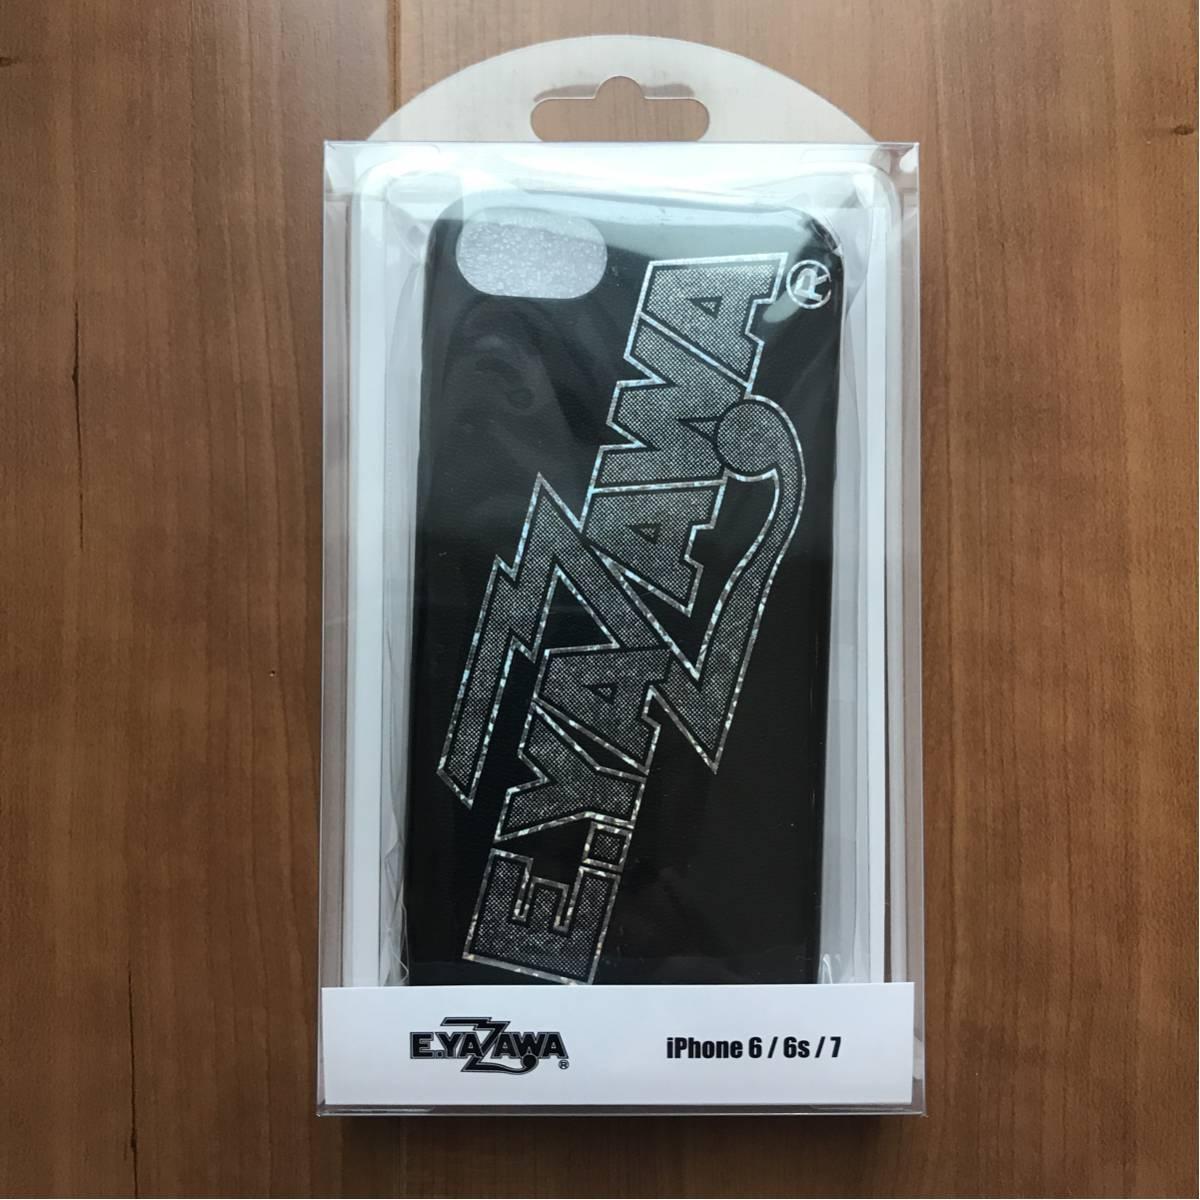 矢沢永吉iPhone 6/6s 7ケース(ロゴ)ホログラム